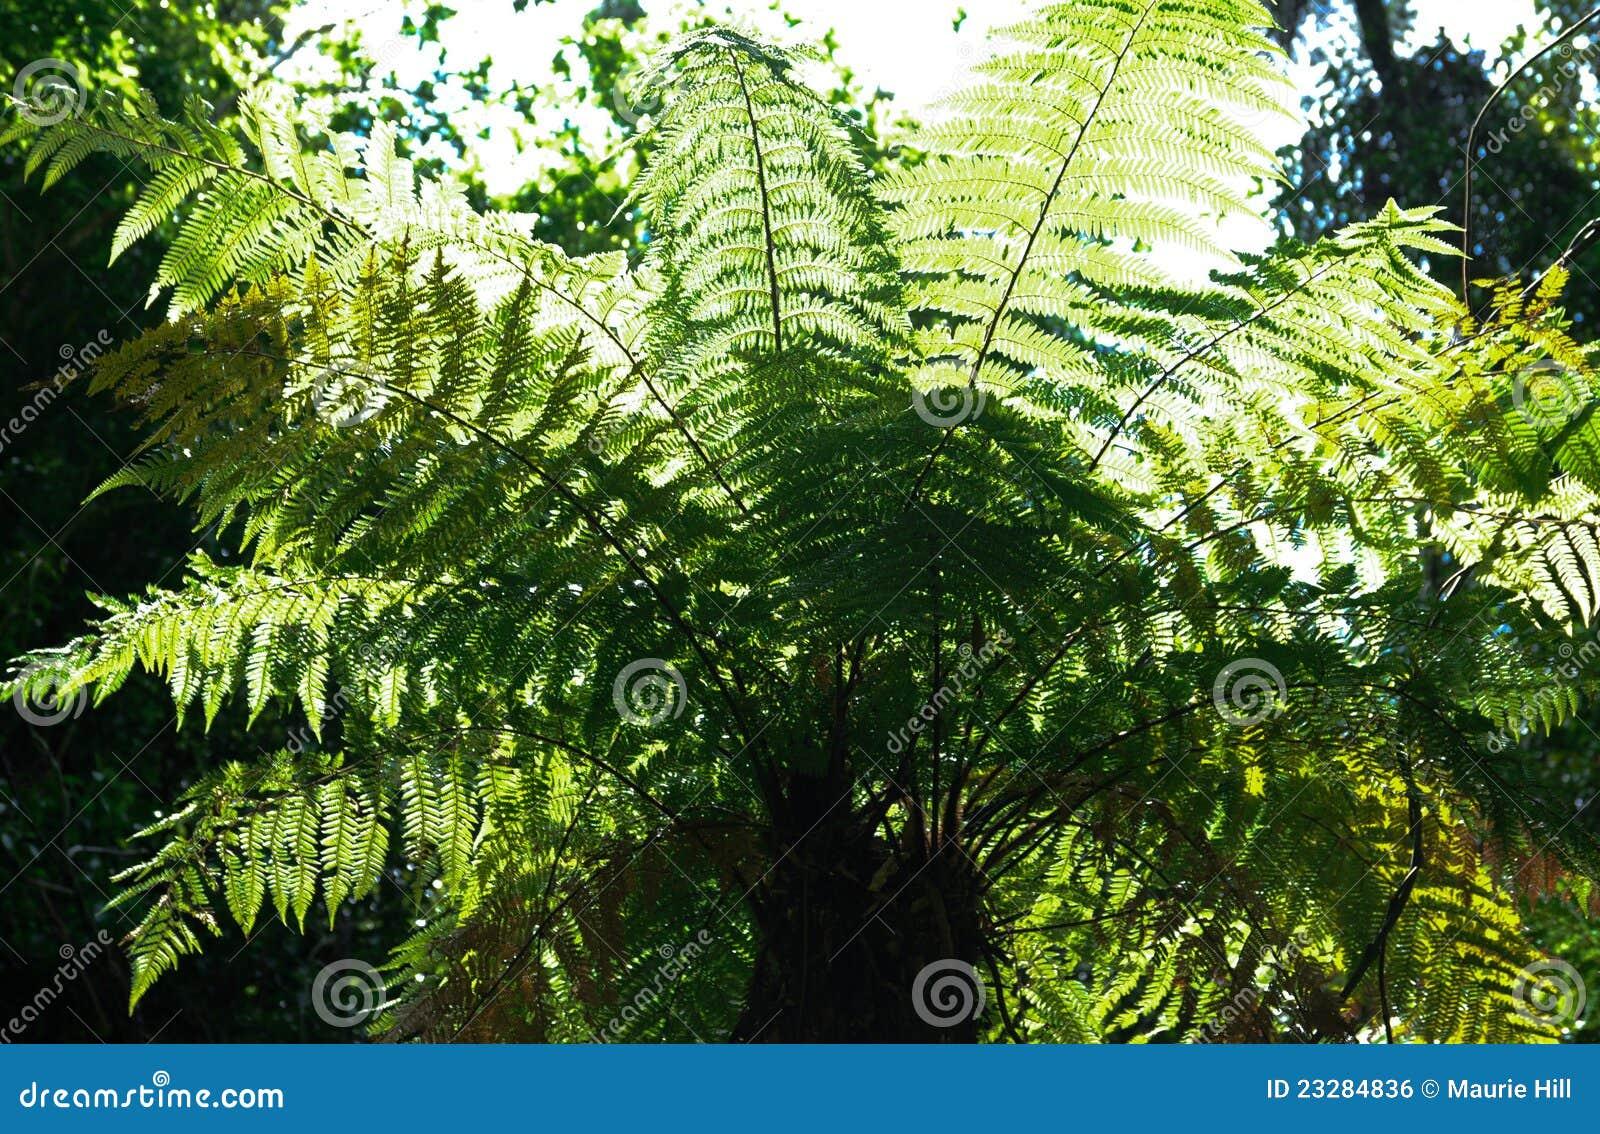 Helecho de árbol - puesto a contraluz